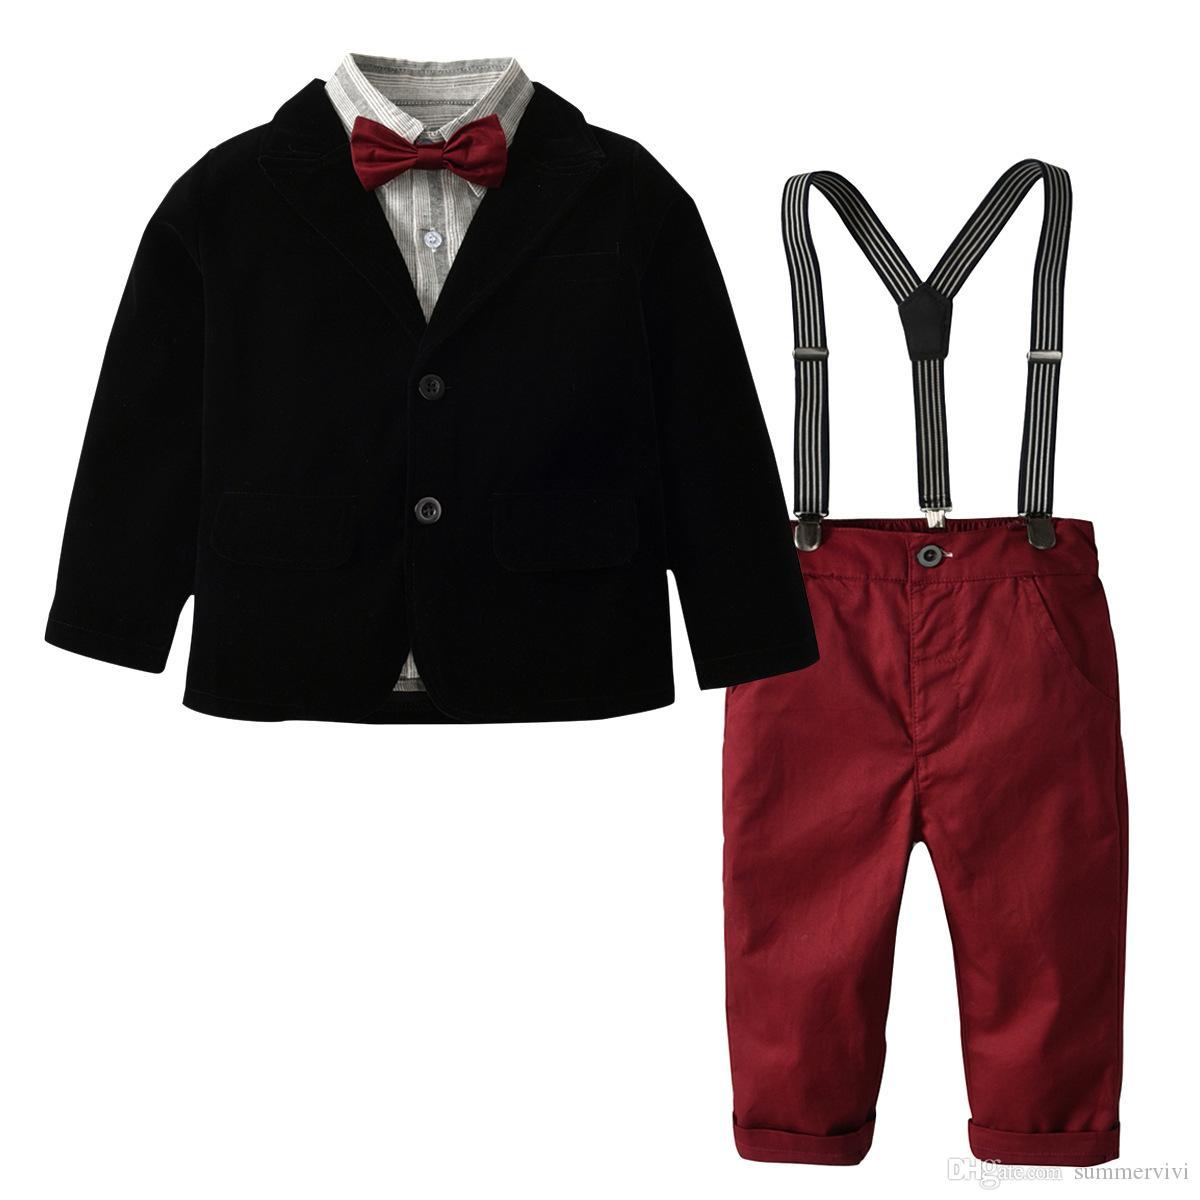 أزياء الأولاد ملابس الاطفال شريطية التلبيب كم طويل قميص + الحلل أبلى + حمالة السراويل + الانحناء التعادل 4 قطع مجموعات الأطفال شهم مجموعات Y5399